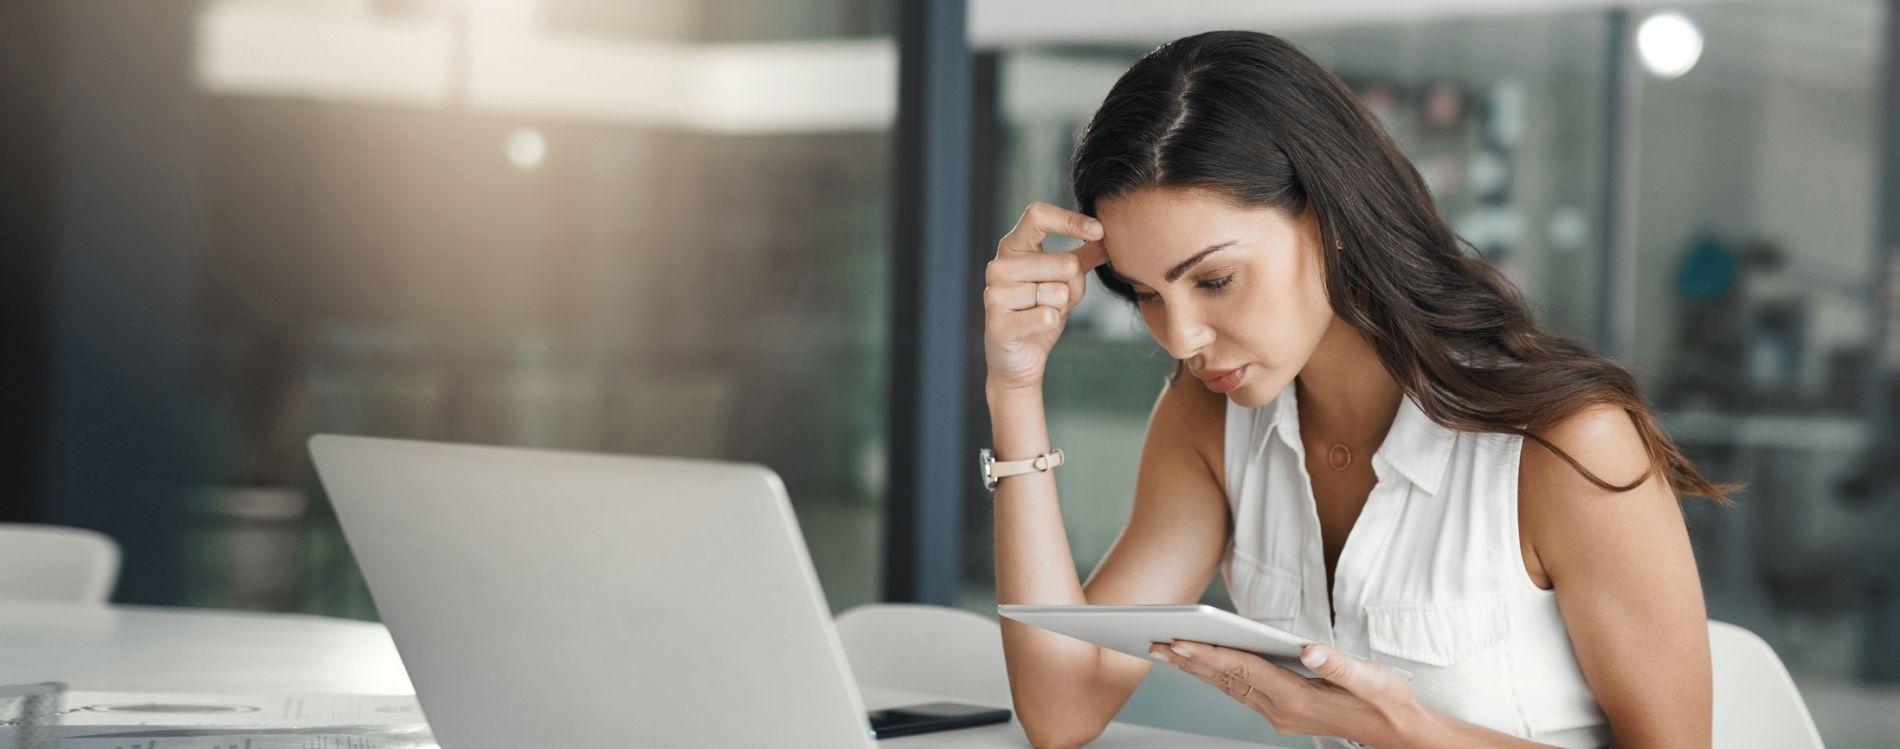 Экспресс кредит с плохой КИ для ИП на бизнес